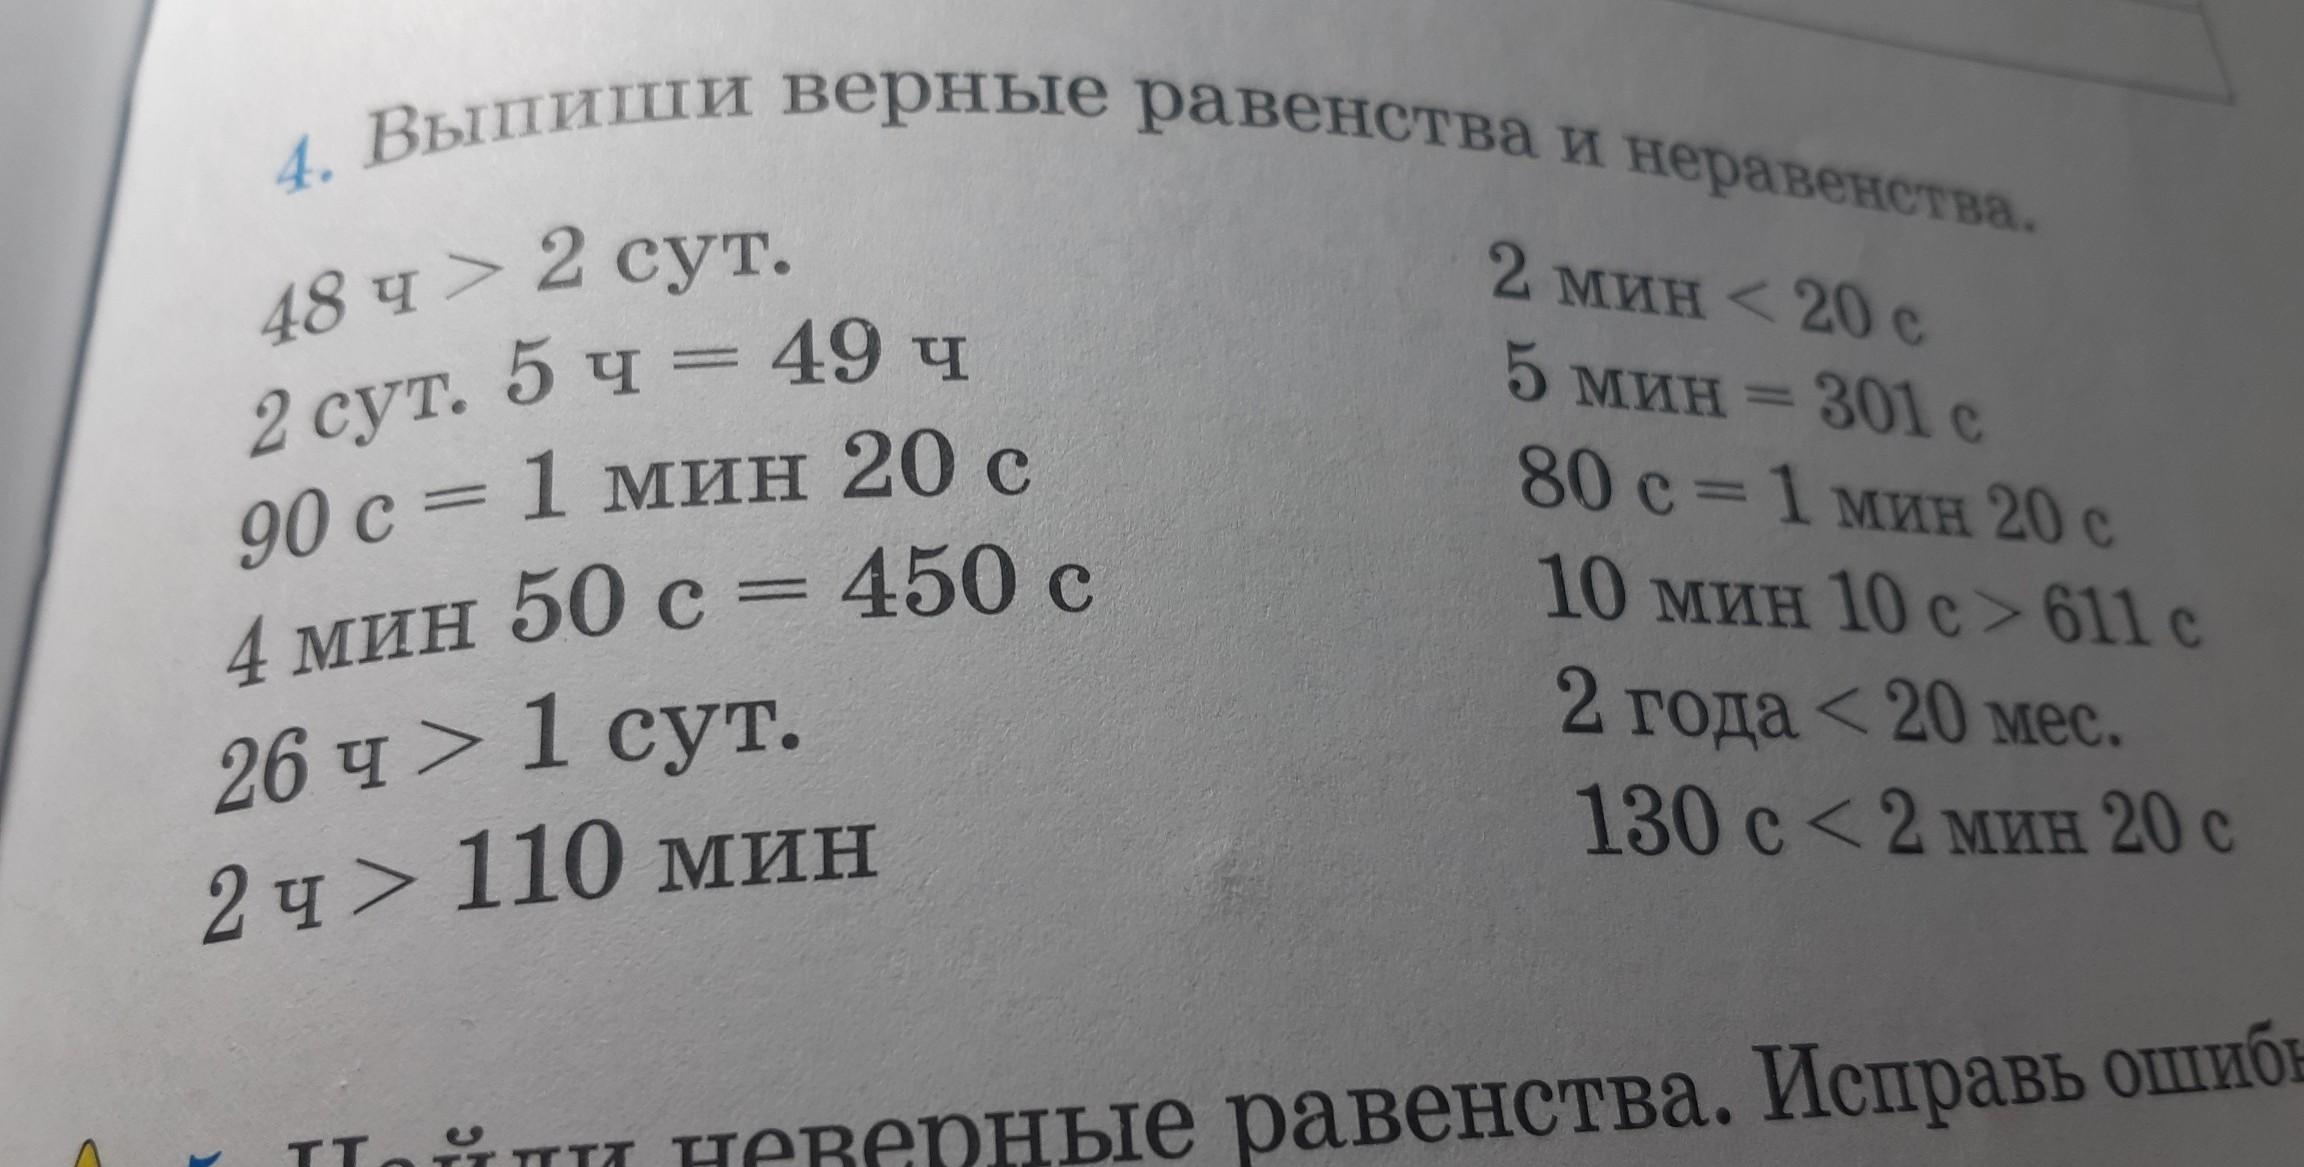 Равенства и неравенства / сравнение чисел / справочник по математике для начальной школы